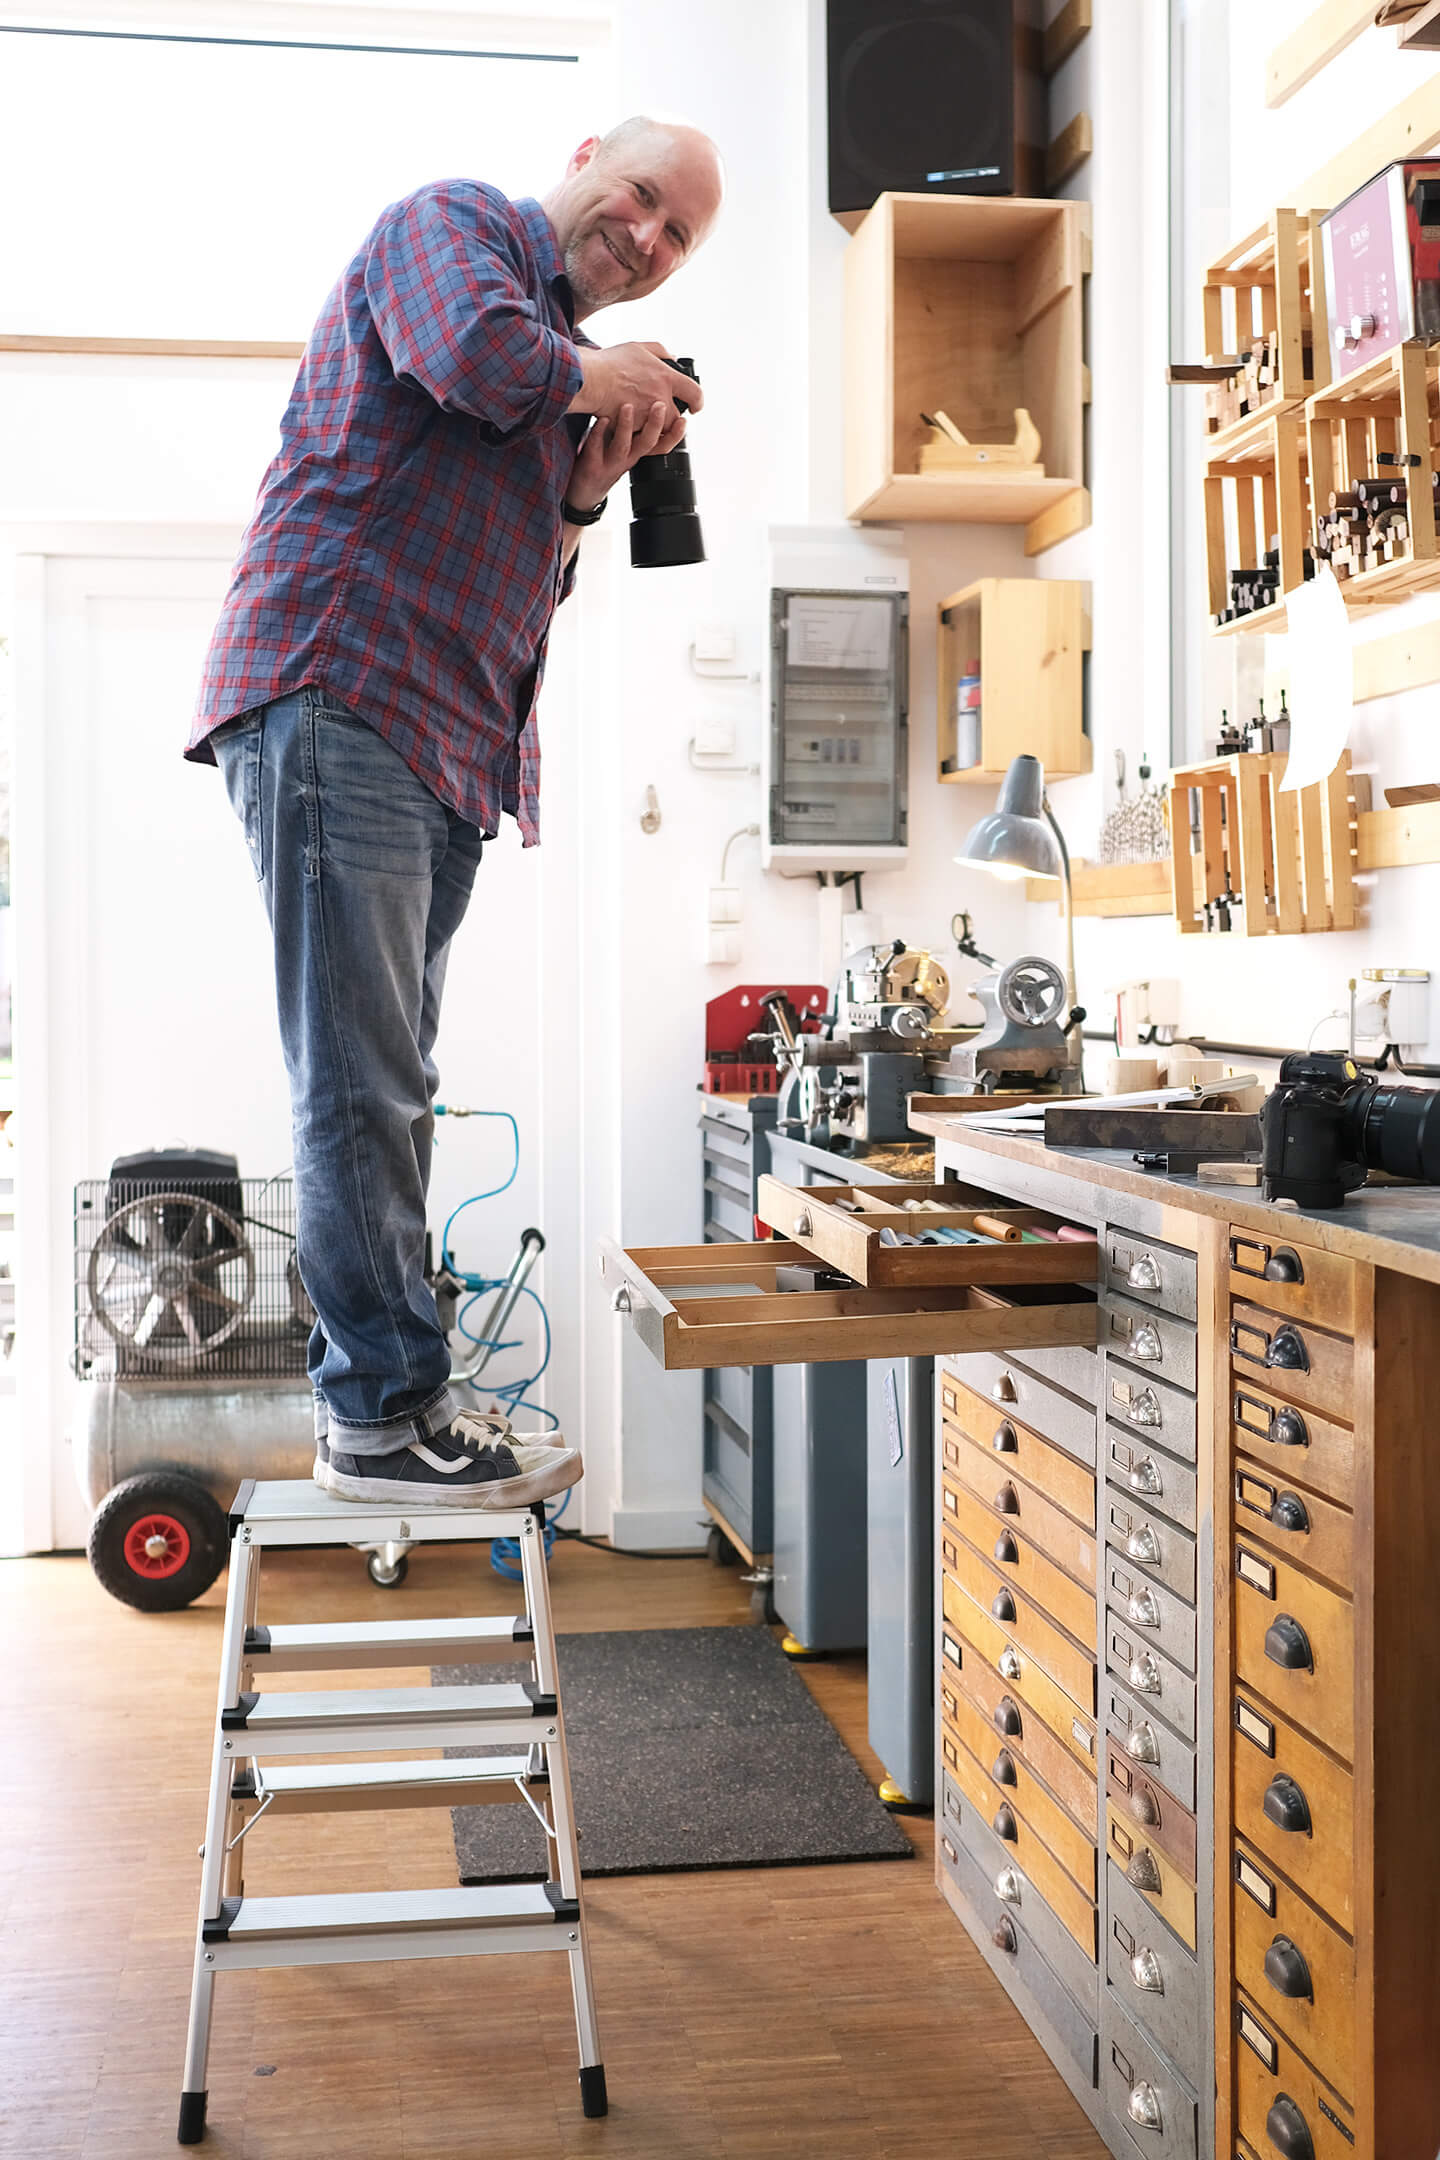 Fotograf Florian Läufer in Action beim Werkstattbesuch